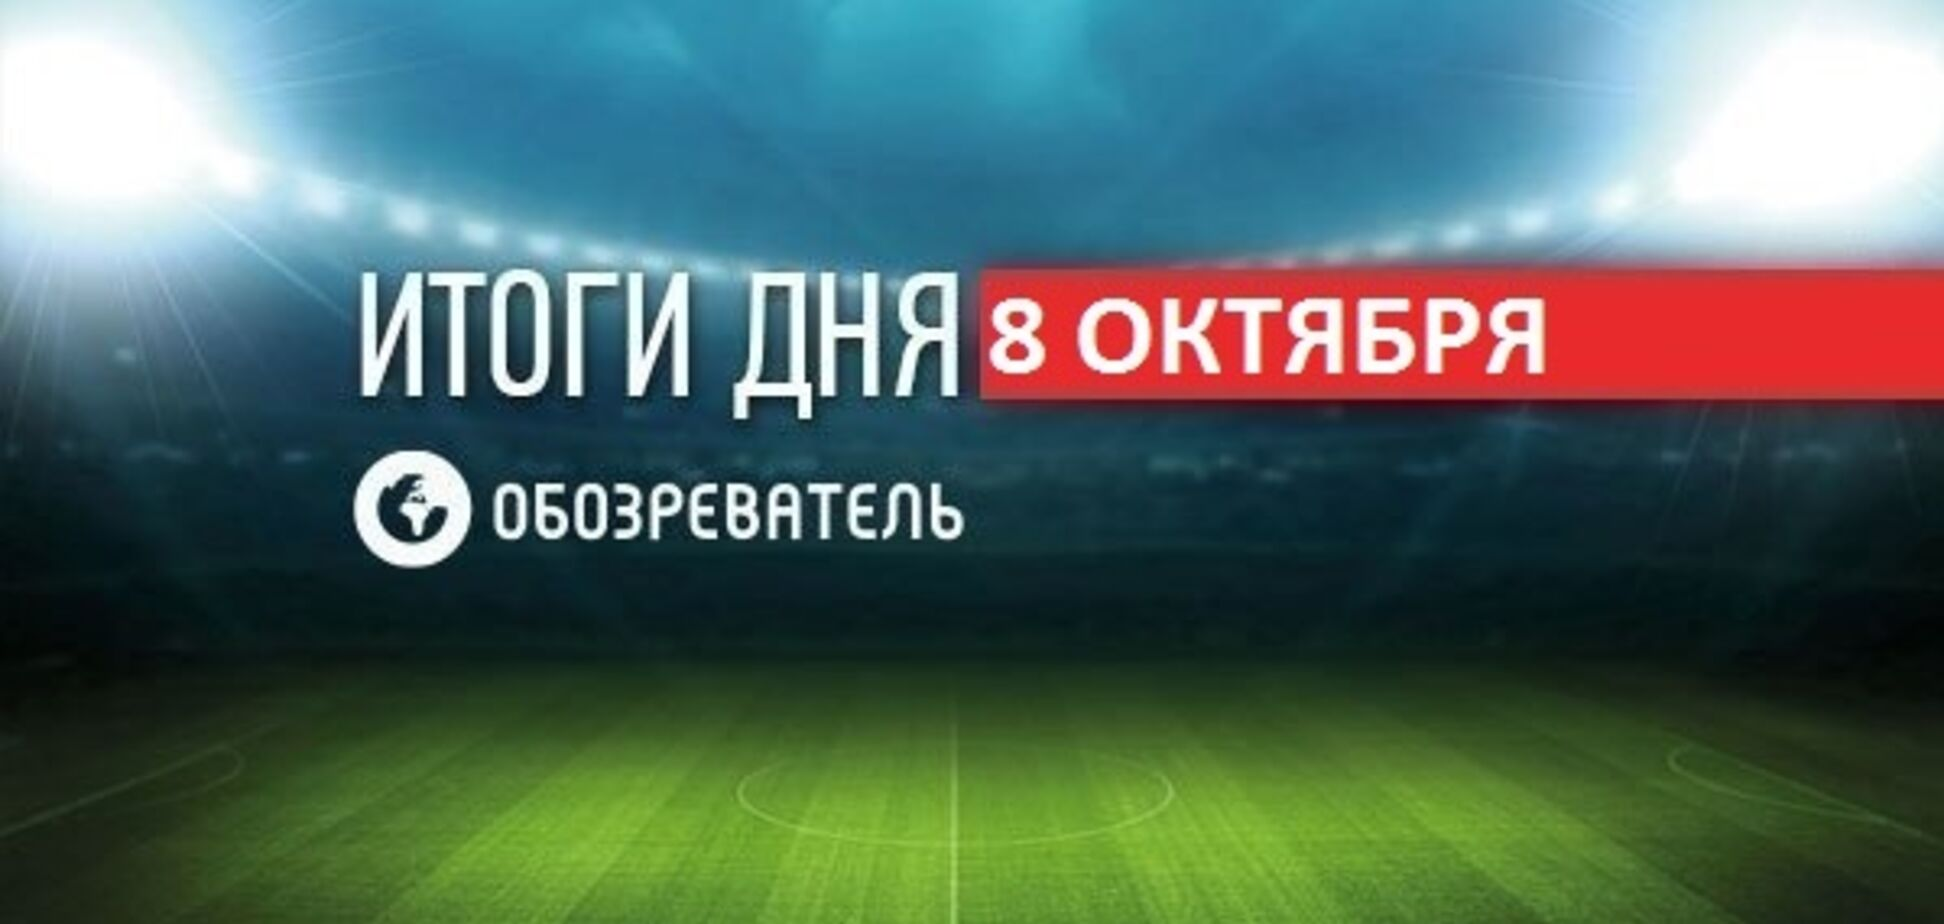 Шевченко зробив заяву стосовно 'контракту з 'Міланом': спортивні підсумки 8 жовтня